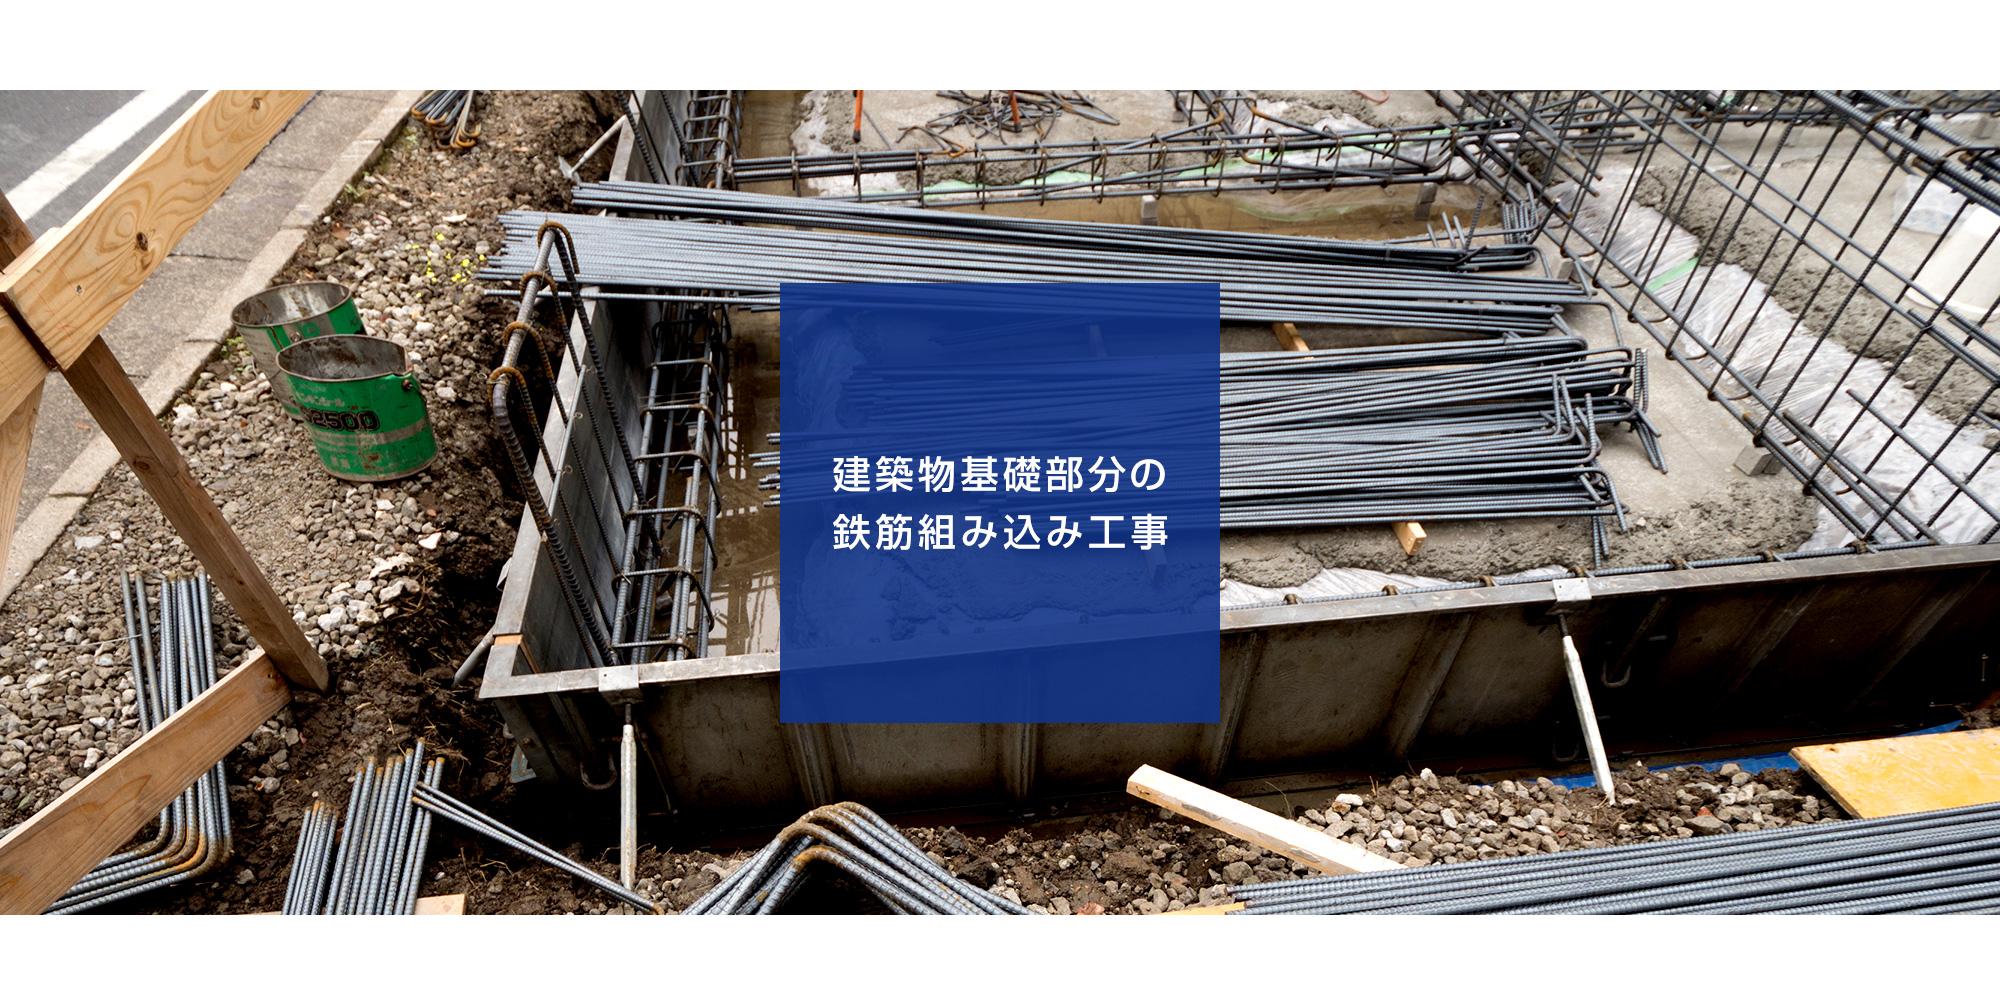 建築物基礎部分の鉄筋組み込み工事